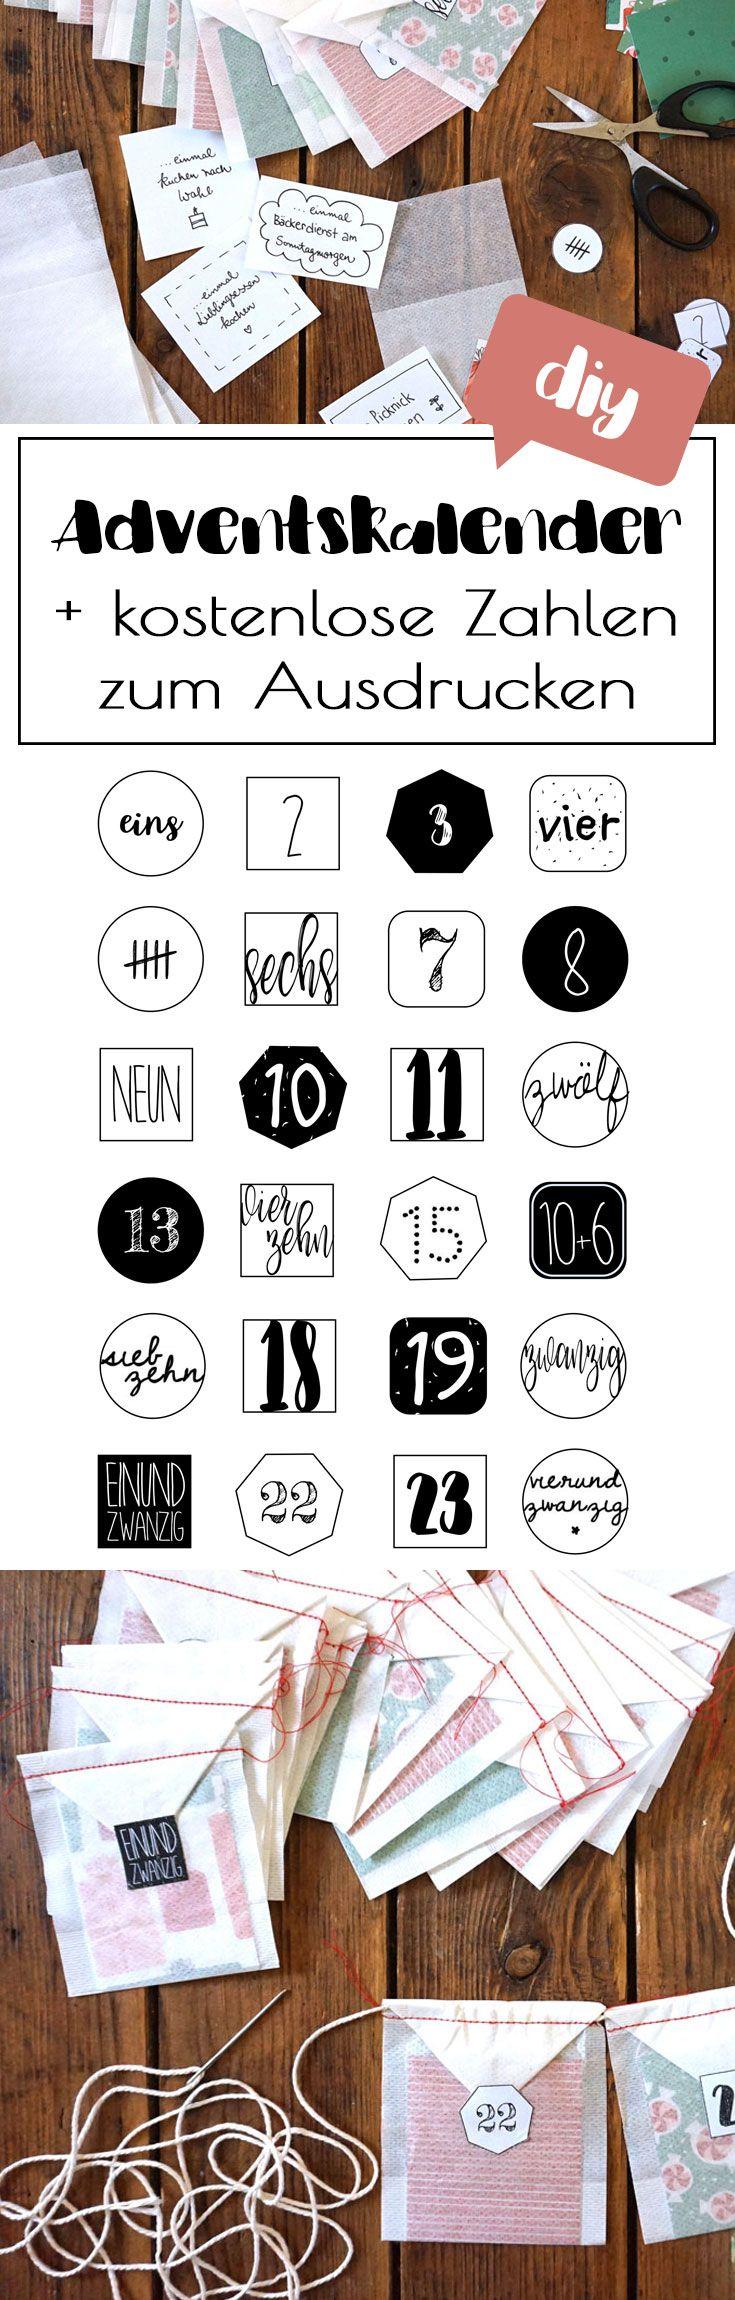 DIY Gutschein Adventskalender schnell & easy basteln (+ kostenlose Zahlen zum Ausdrucken). Hol dir dein kostenloses printable auf hejhurra.de